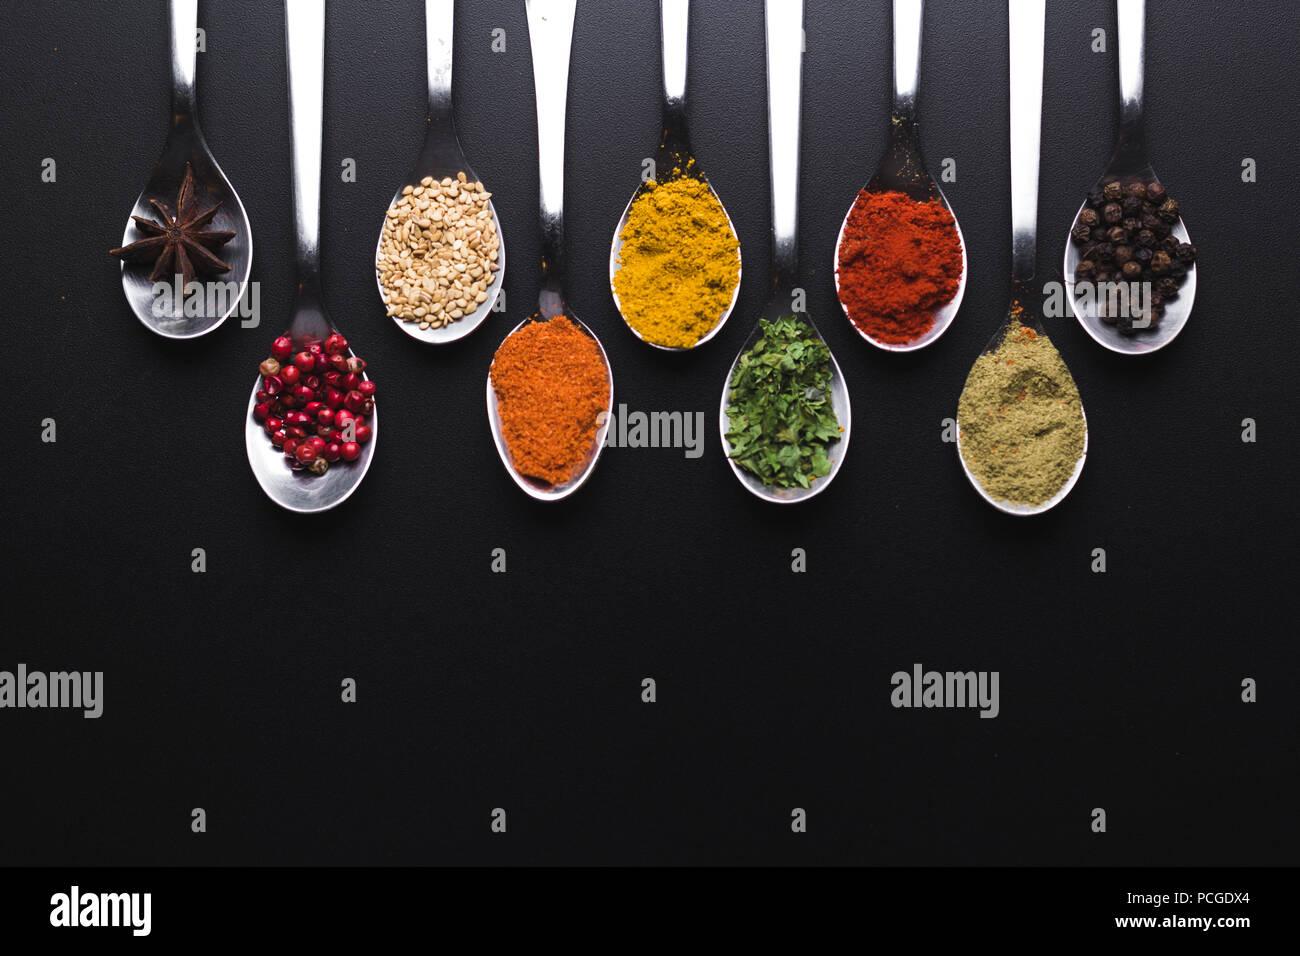 Spezie e condimenti per la cottura su uno sfondo nero, l'immagine ha uno spazio disponibile per aggiungere testi Immagini Stock